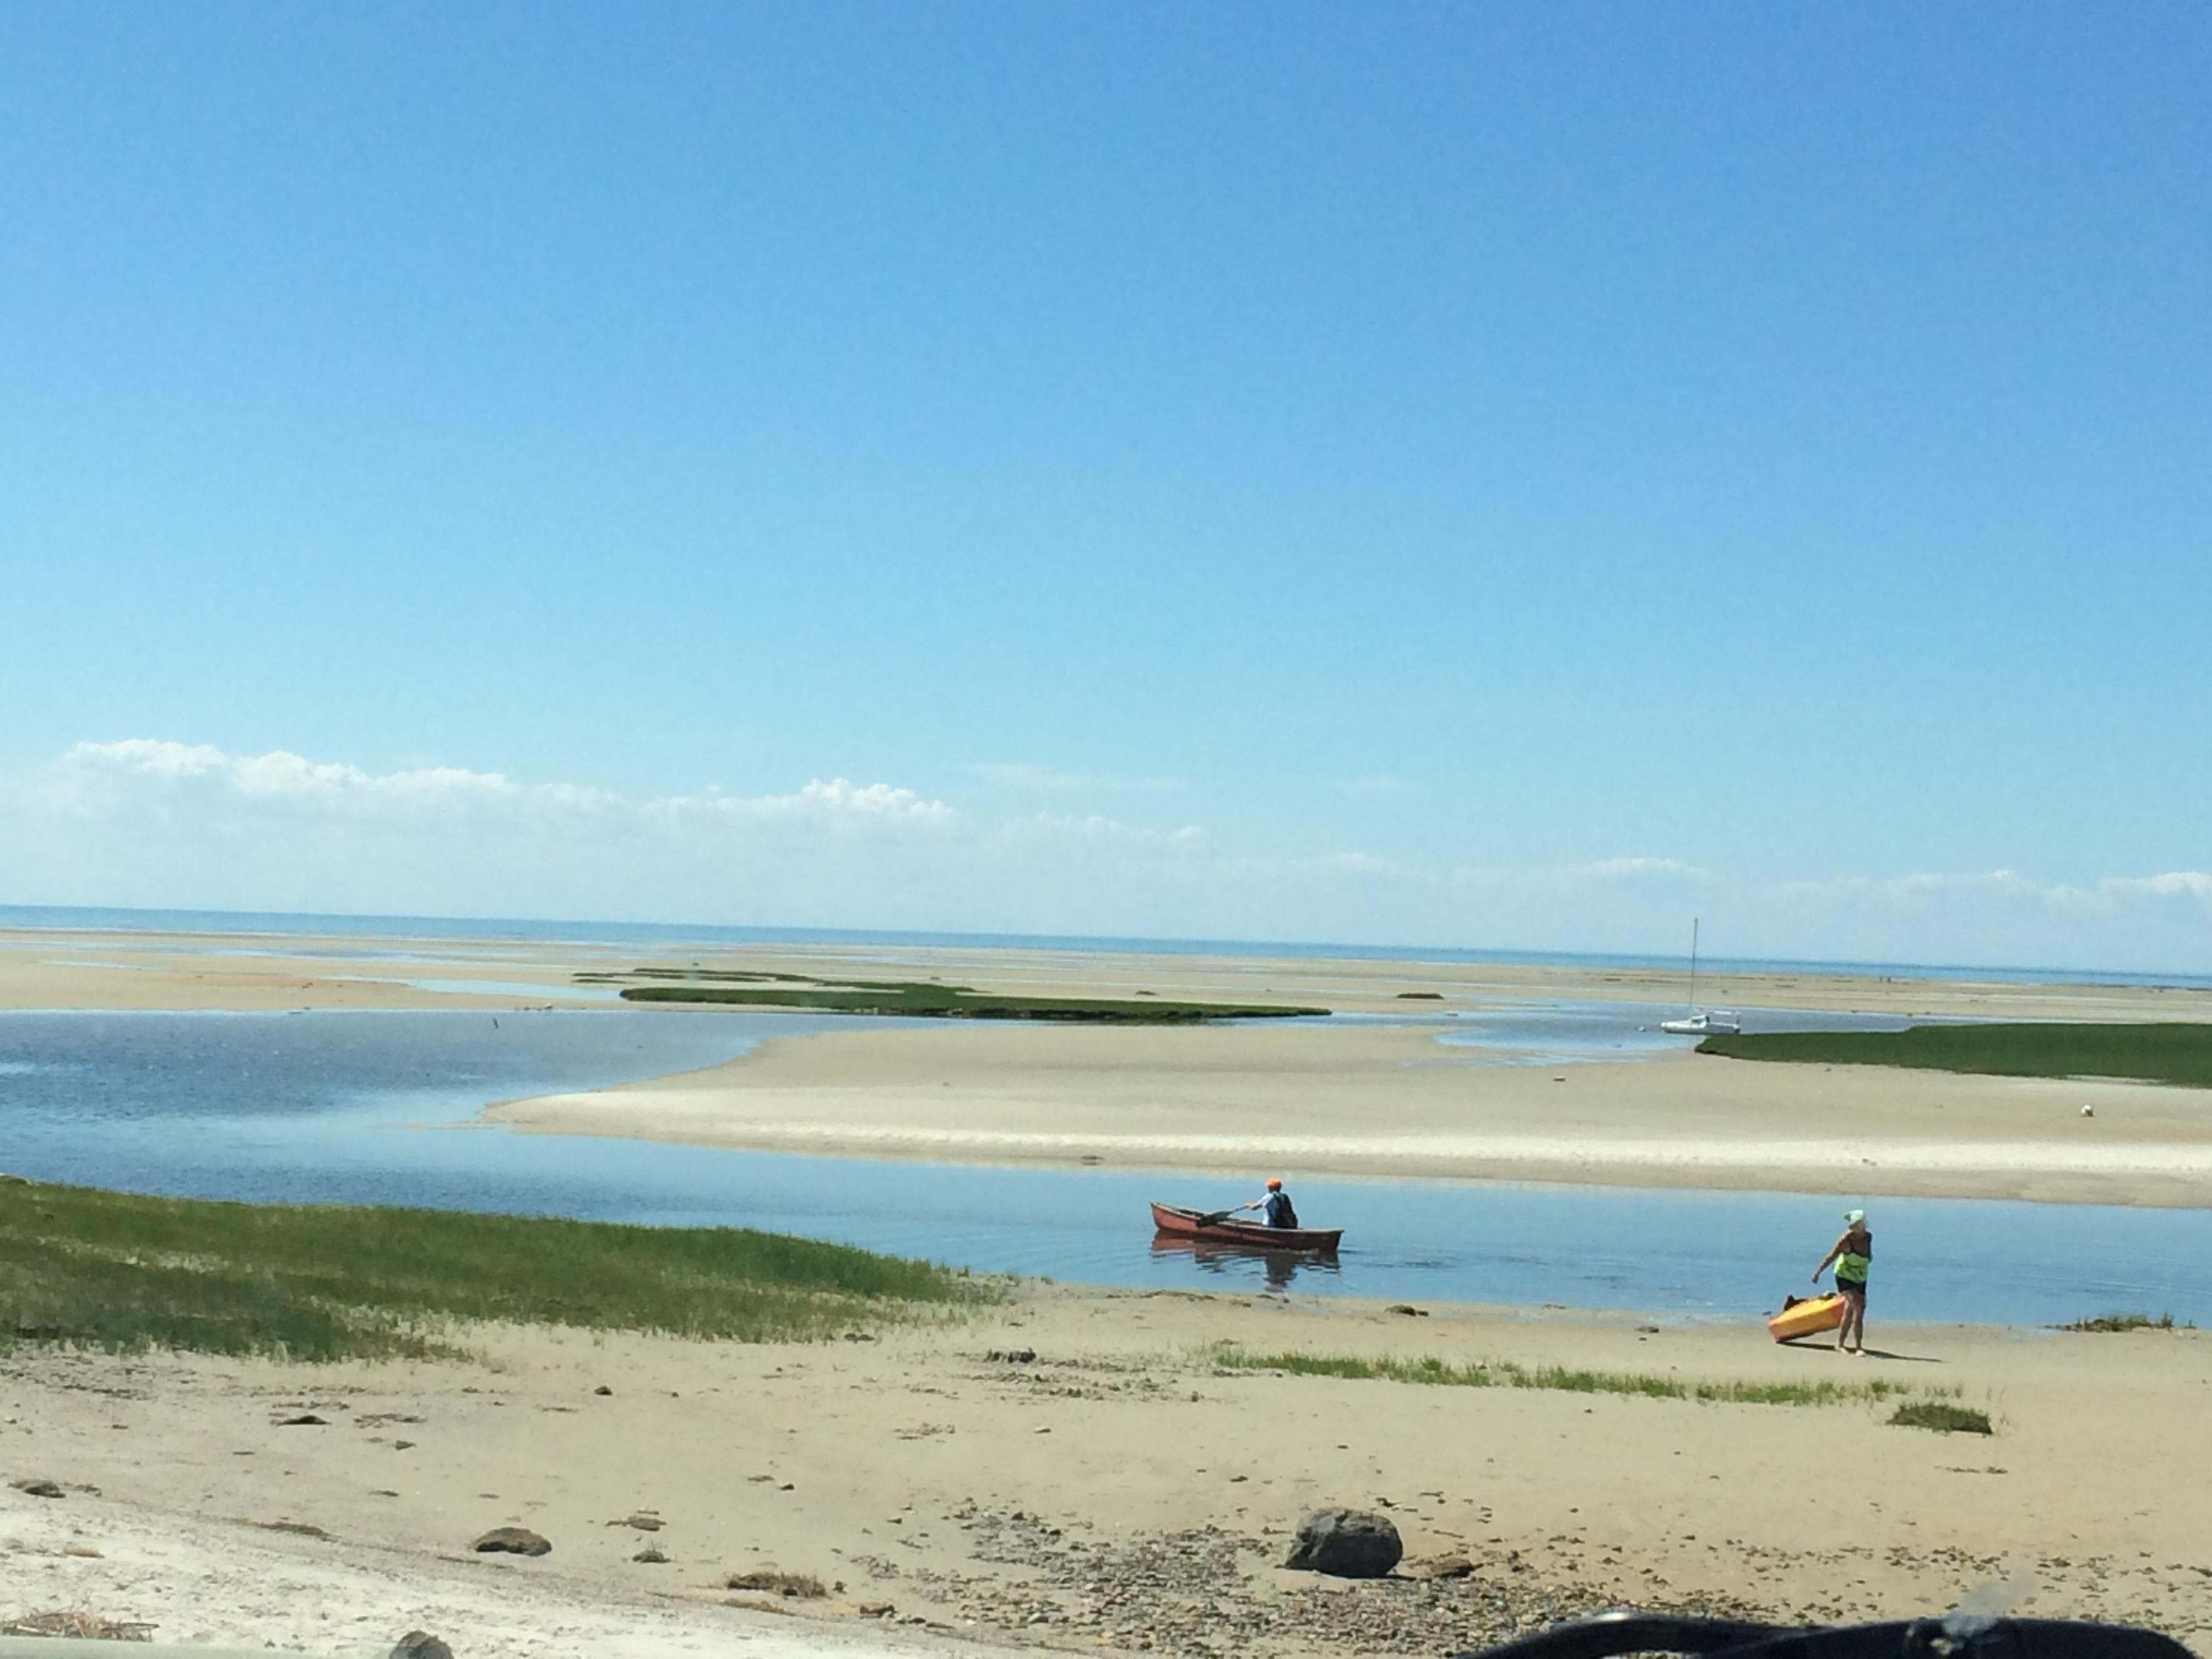 Boat Meadow Bay Beach